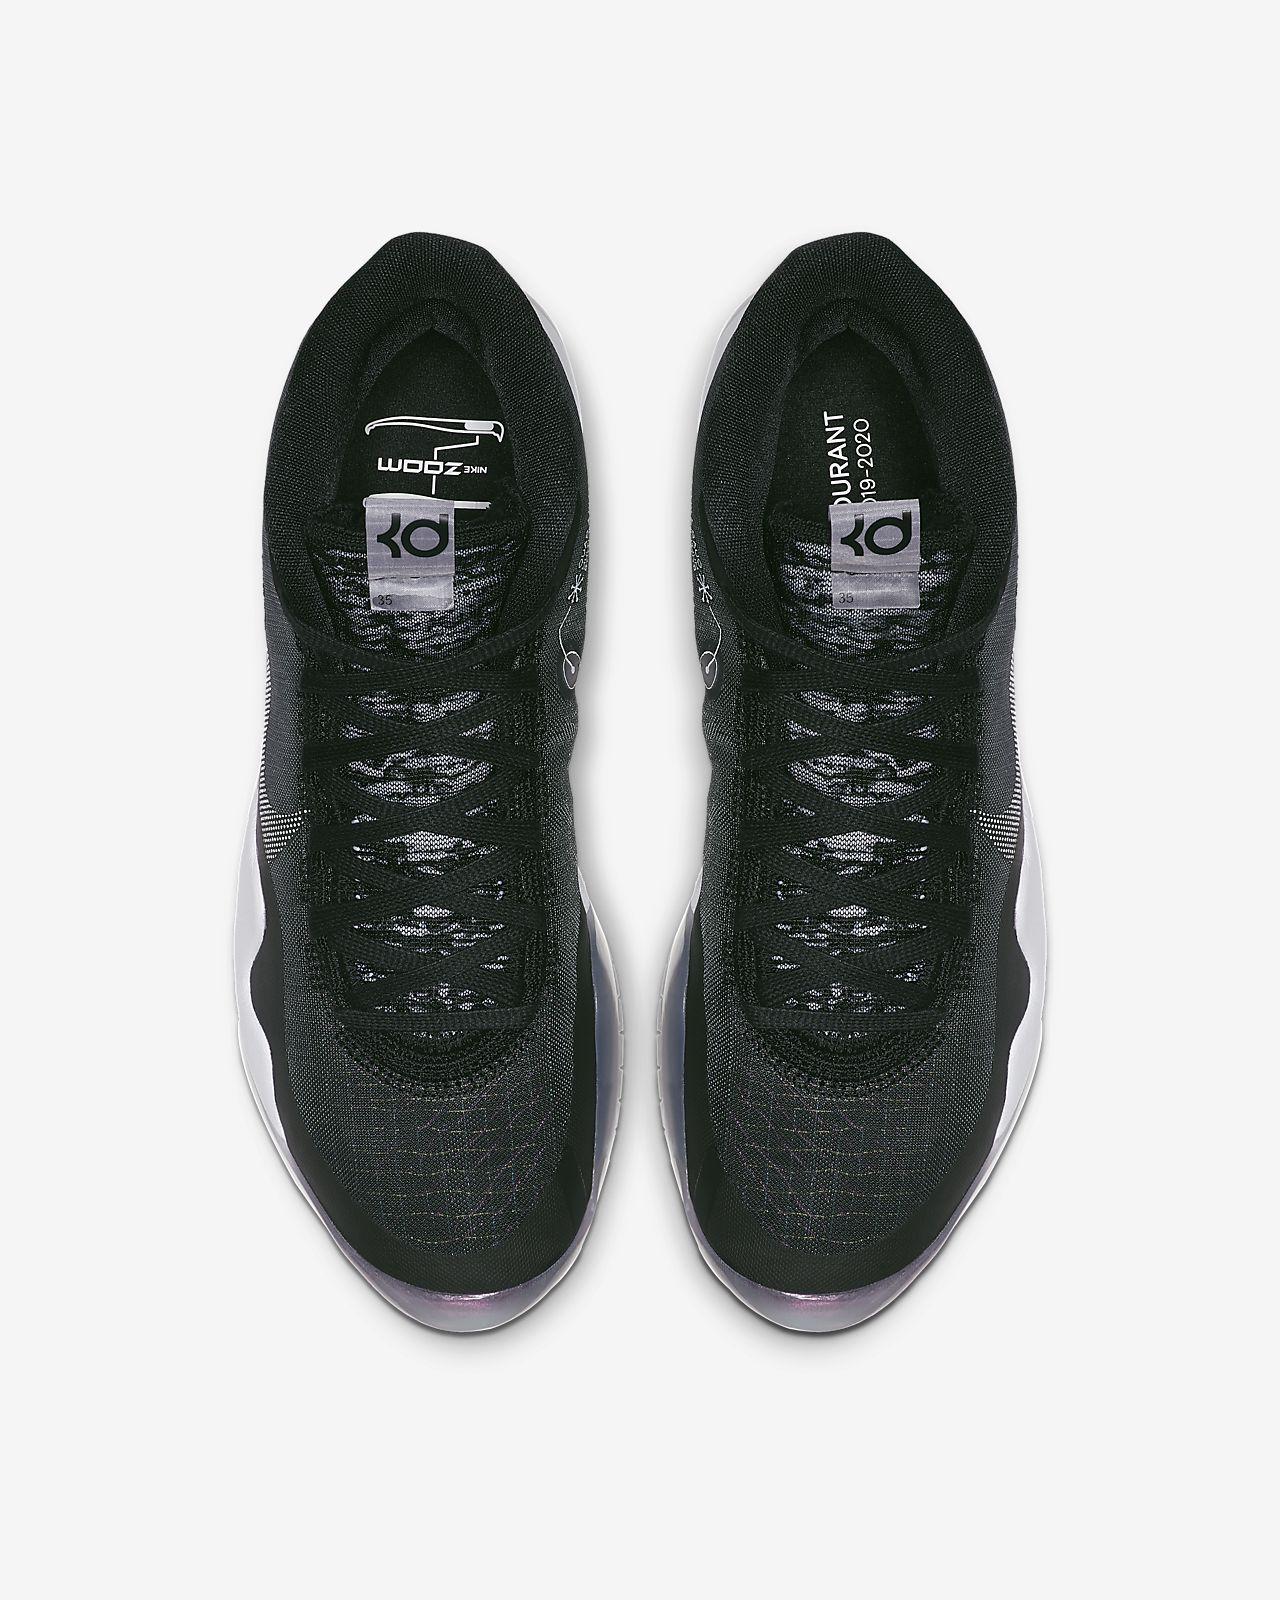 14a28c54f72f Nike Zoom KD12 Basketball Shoe. Nike.com ID